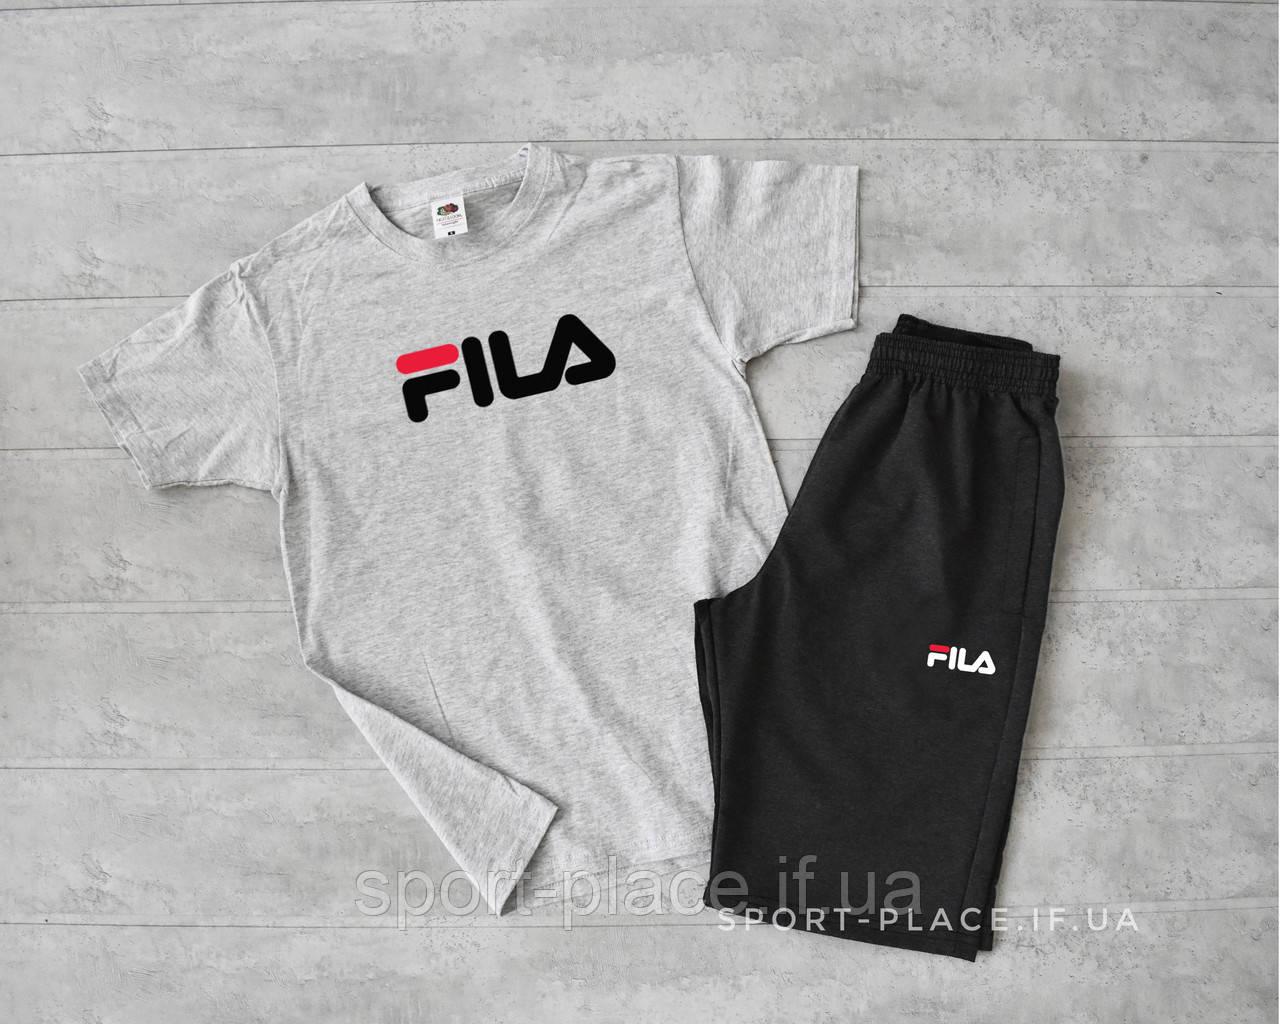 Летний комплект шорты и футболка Fila (серая футболка , темно серые шорты с белым лого) большой логотип